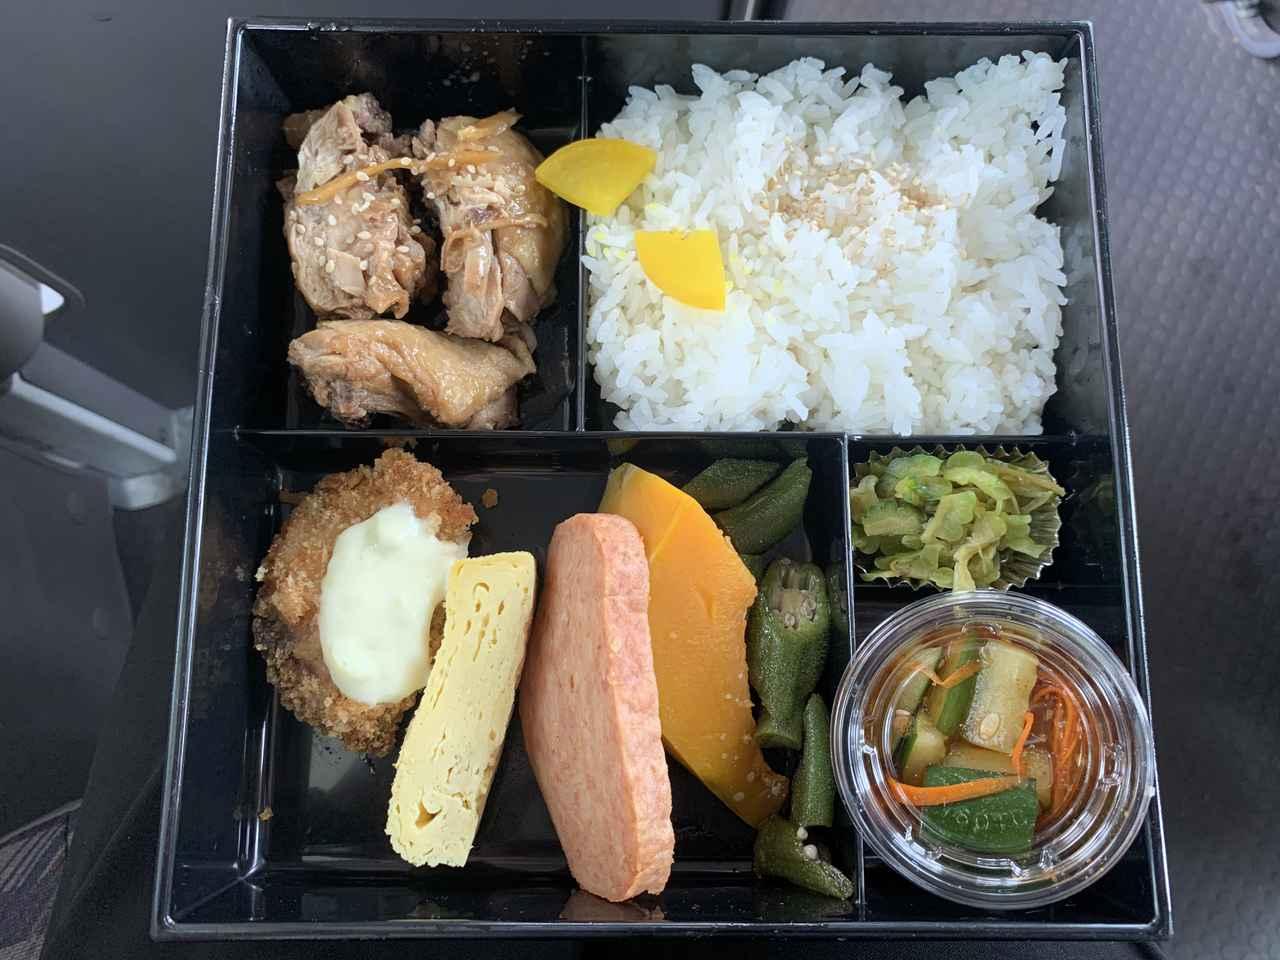 画像: ツアー内のお弁当の一例。 この日は鶏肉の照り焼きとお魚のフライでした♪ホカホカ、もちもちのお米が美味しい!(弊社スタッフ撮影)